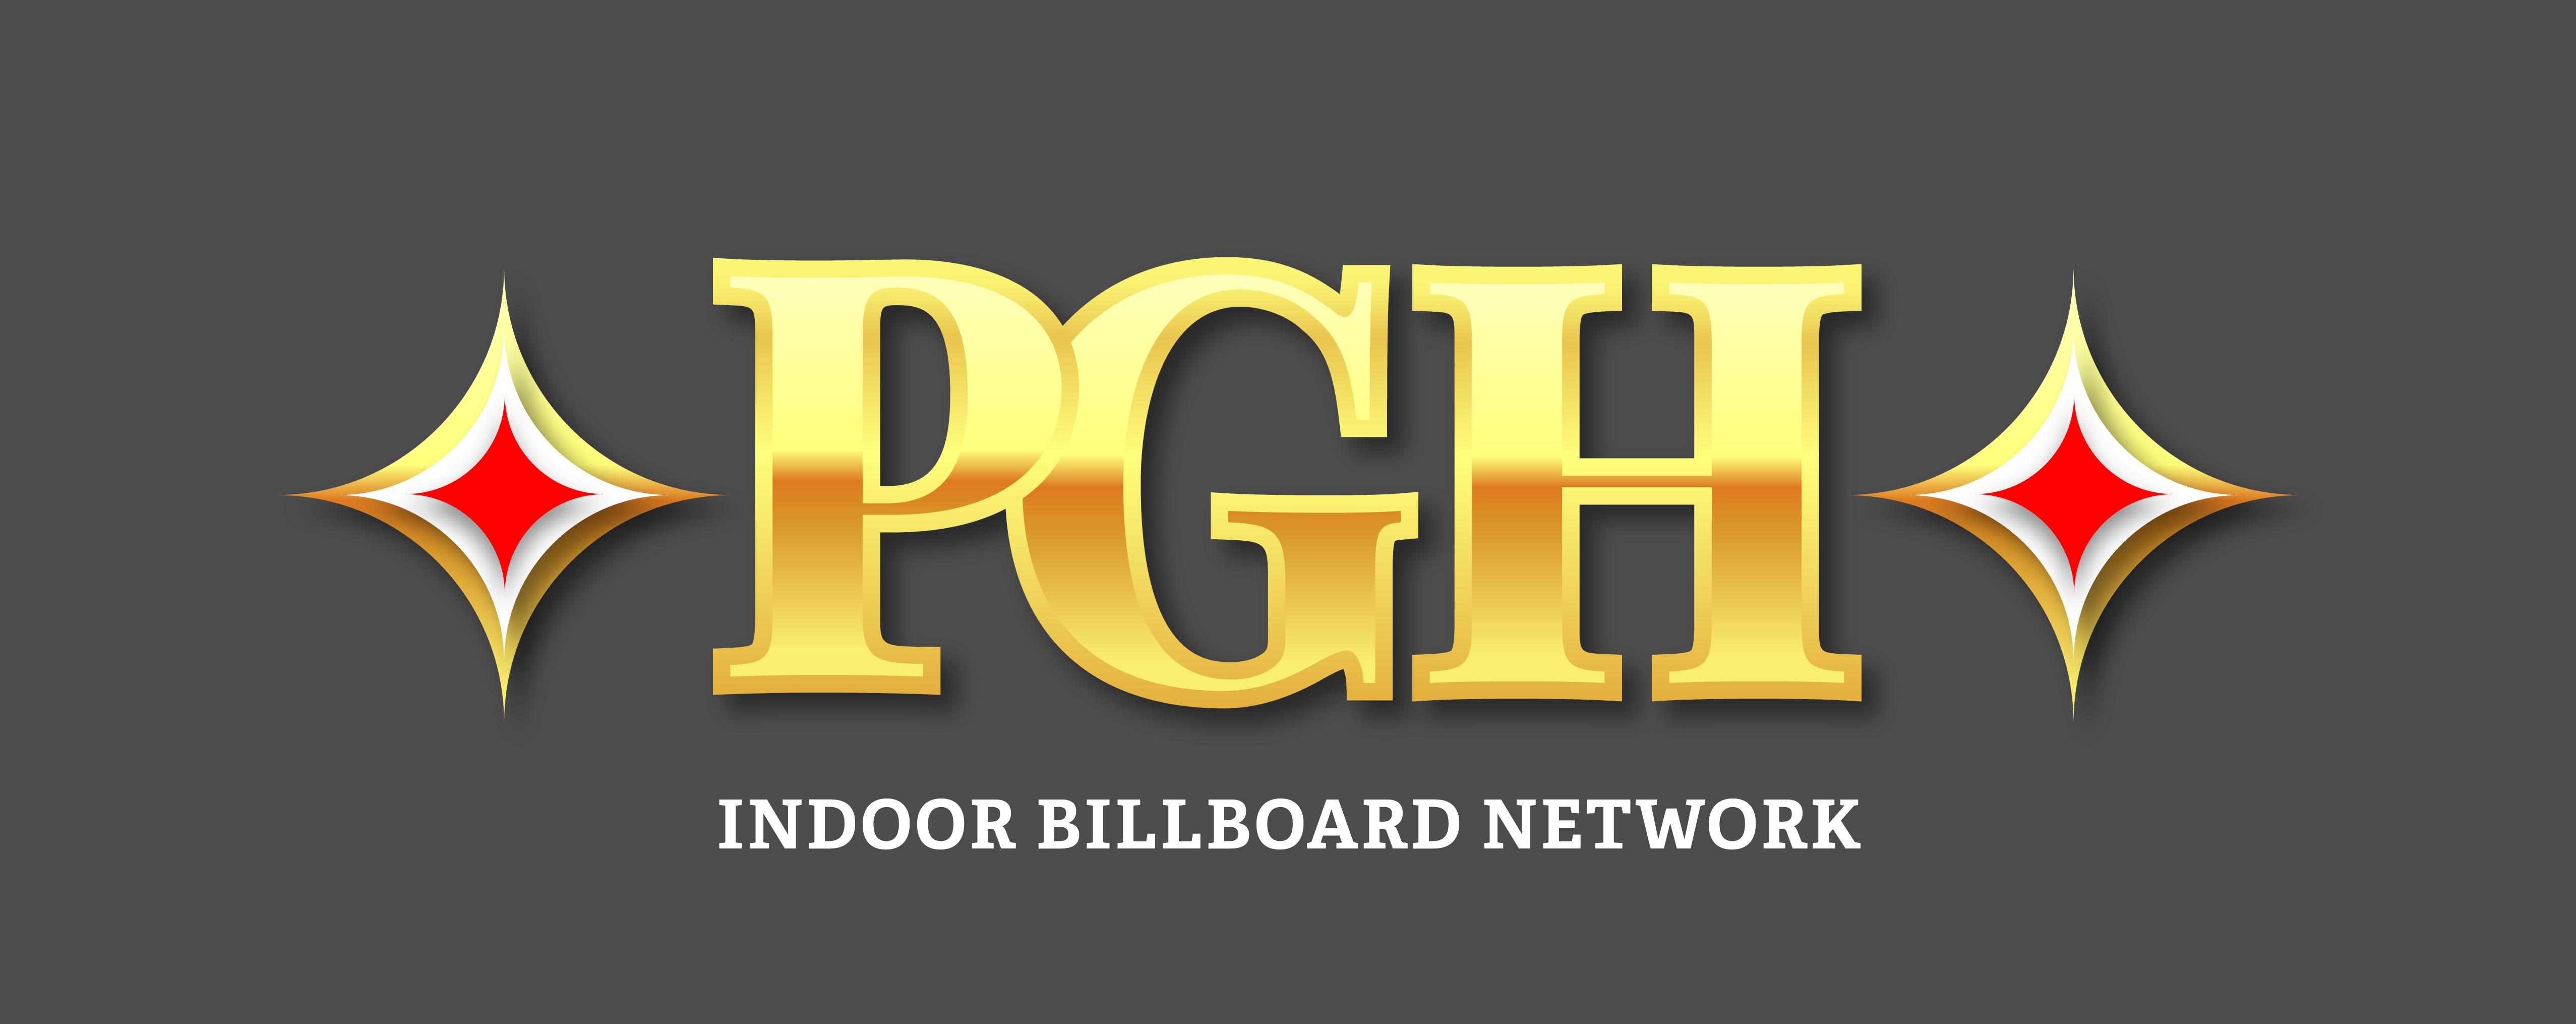 Pittsburgh Indoor Billboard Network